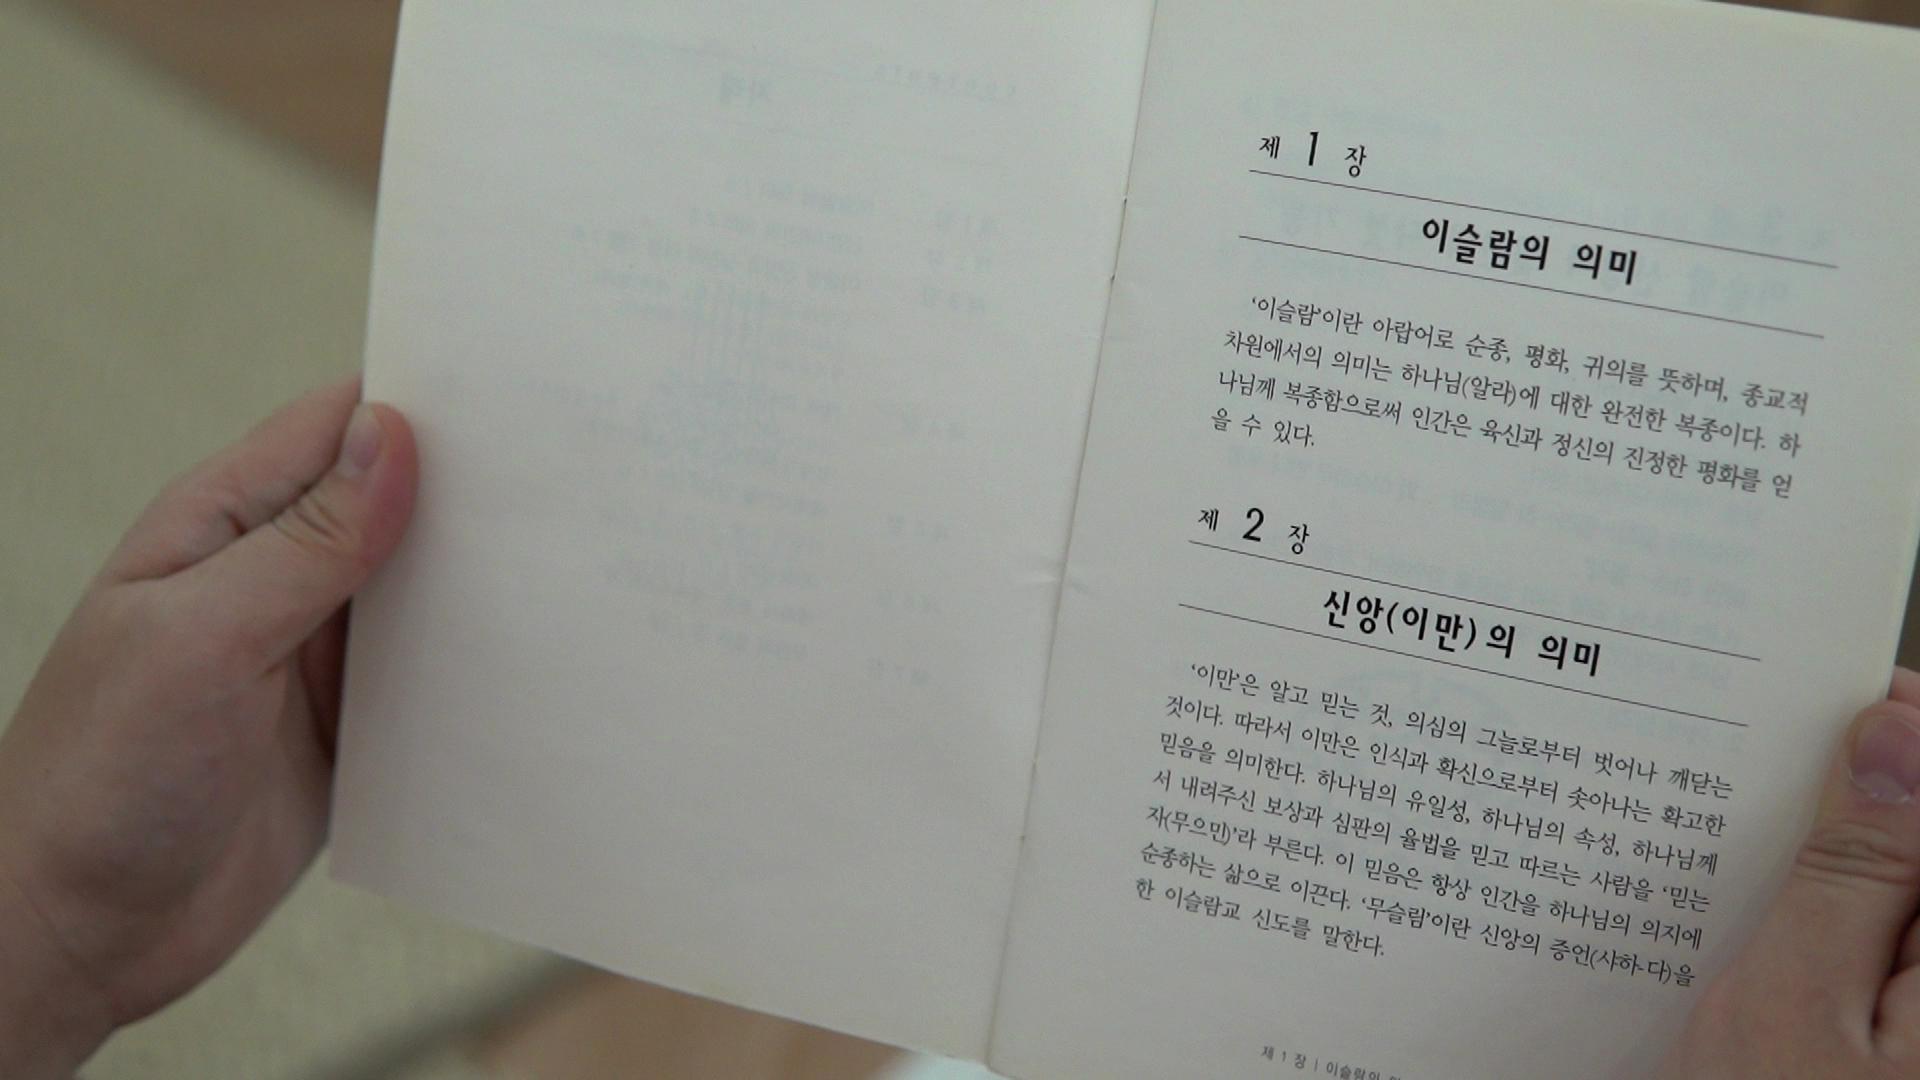 한국인 무슬림인 송소피아(17)양이 이슬람교를 소개하는 책자를 들고 있다. 이진영 인턴